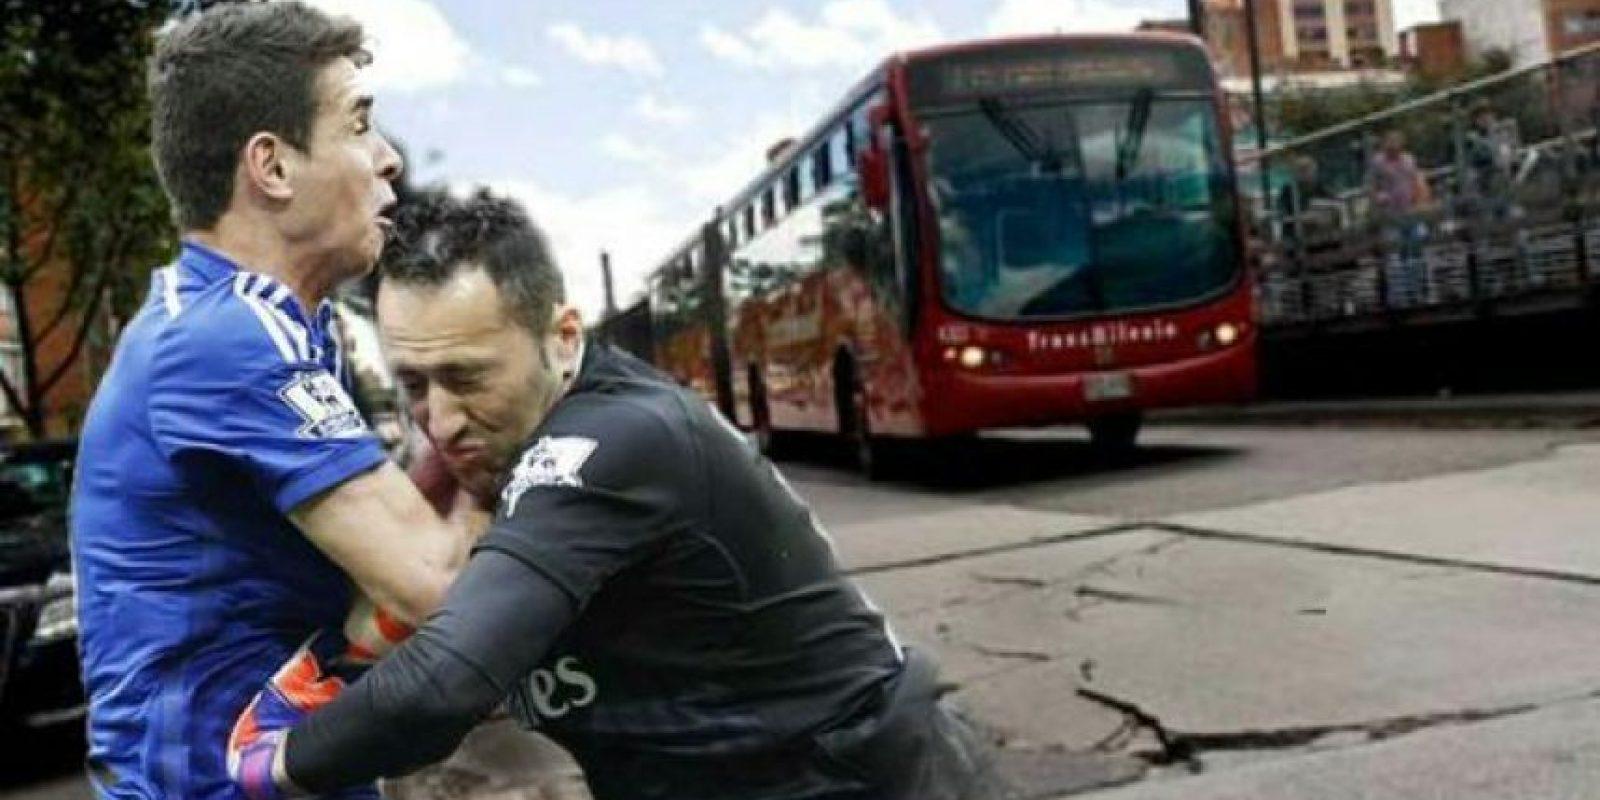 Al minuto 15, Ospina tuvo una mala salida que casi le cuesta un gol en contra al Arsenal. Foto:Vía Twitter.com